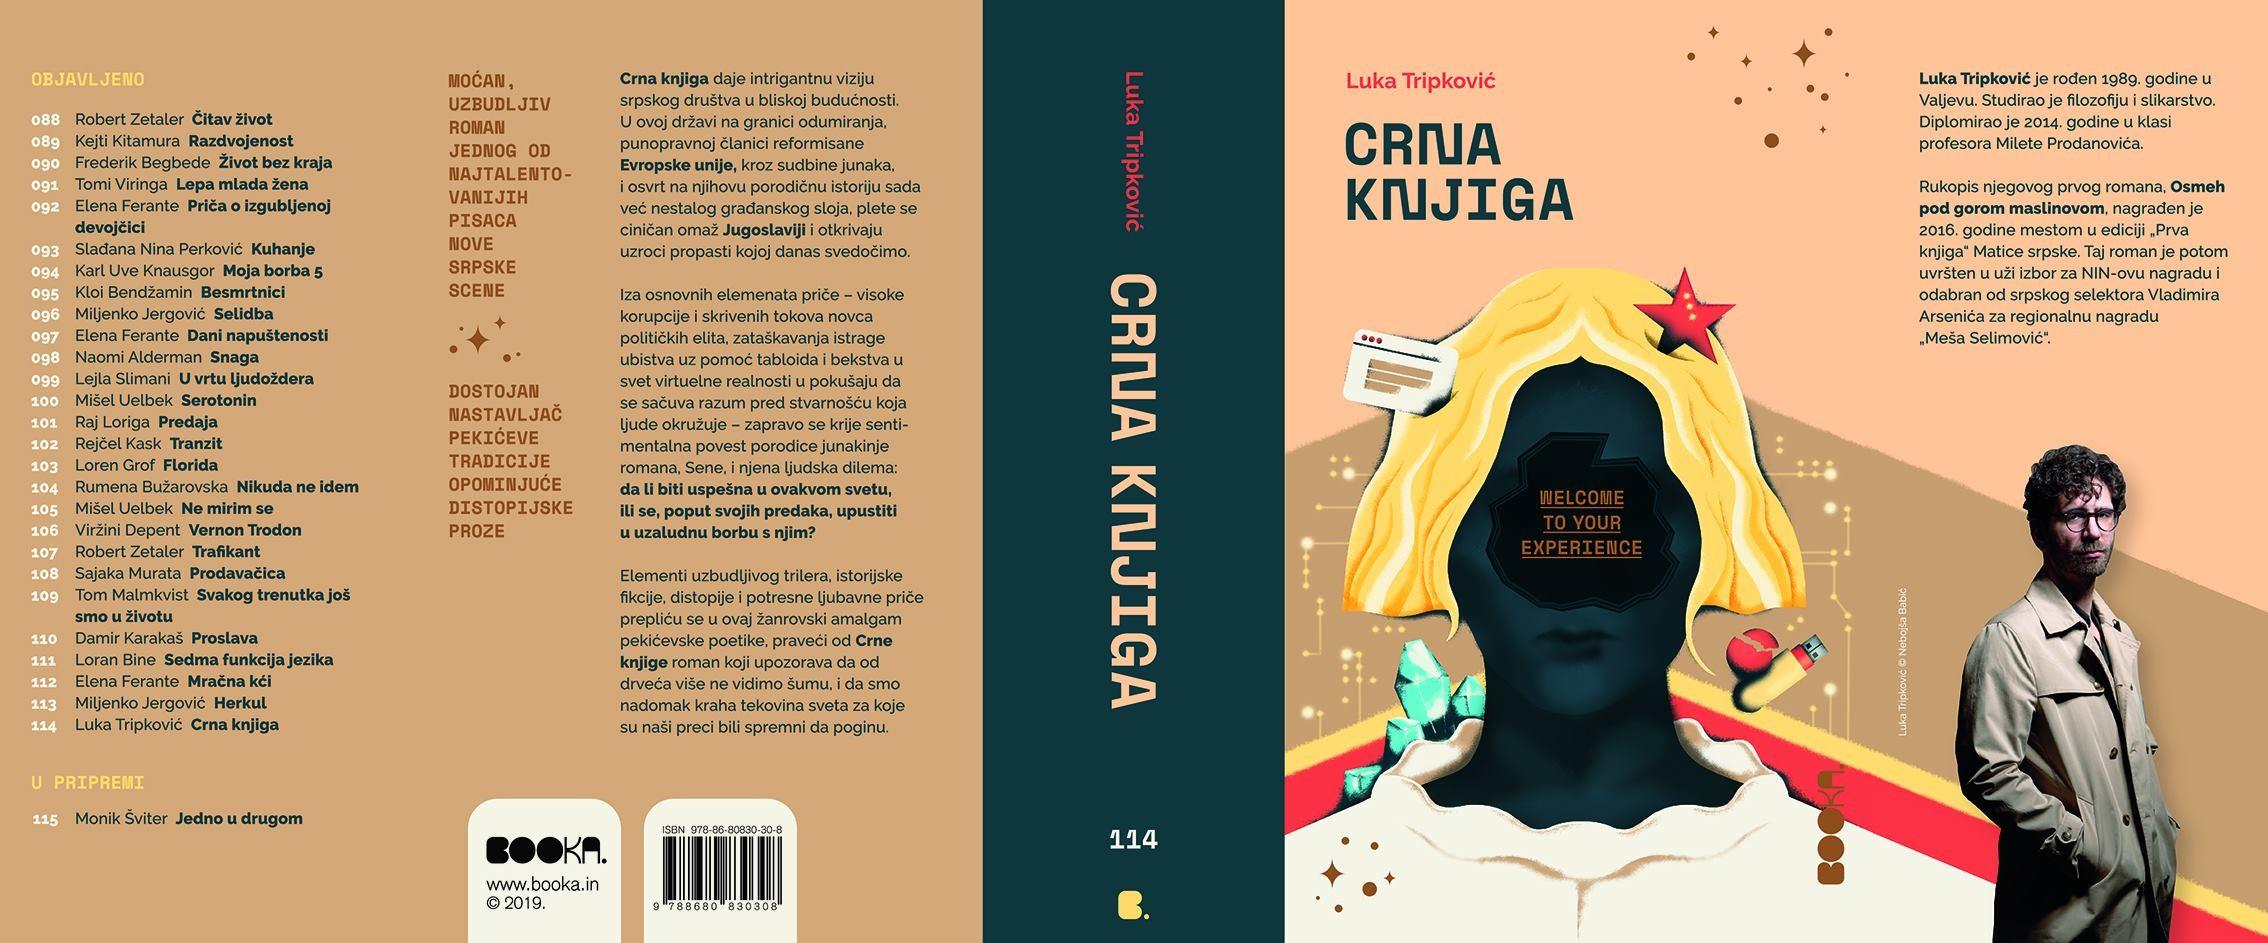 Dizajn: Valentina Brković